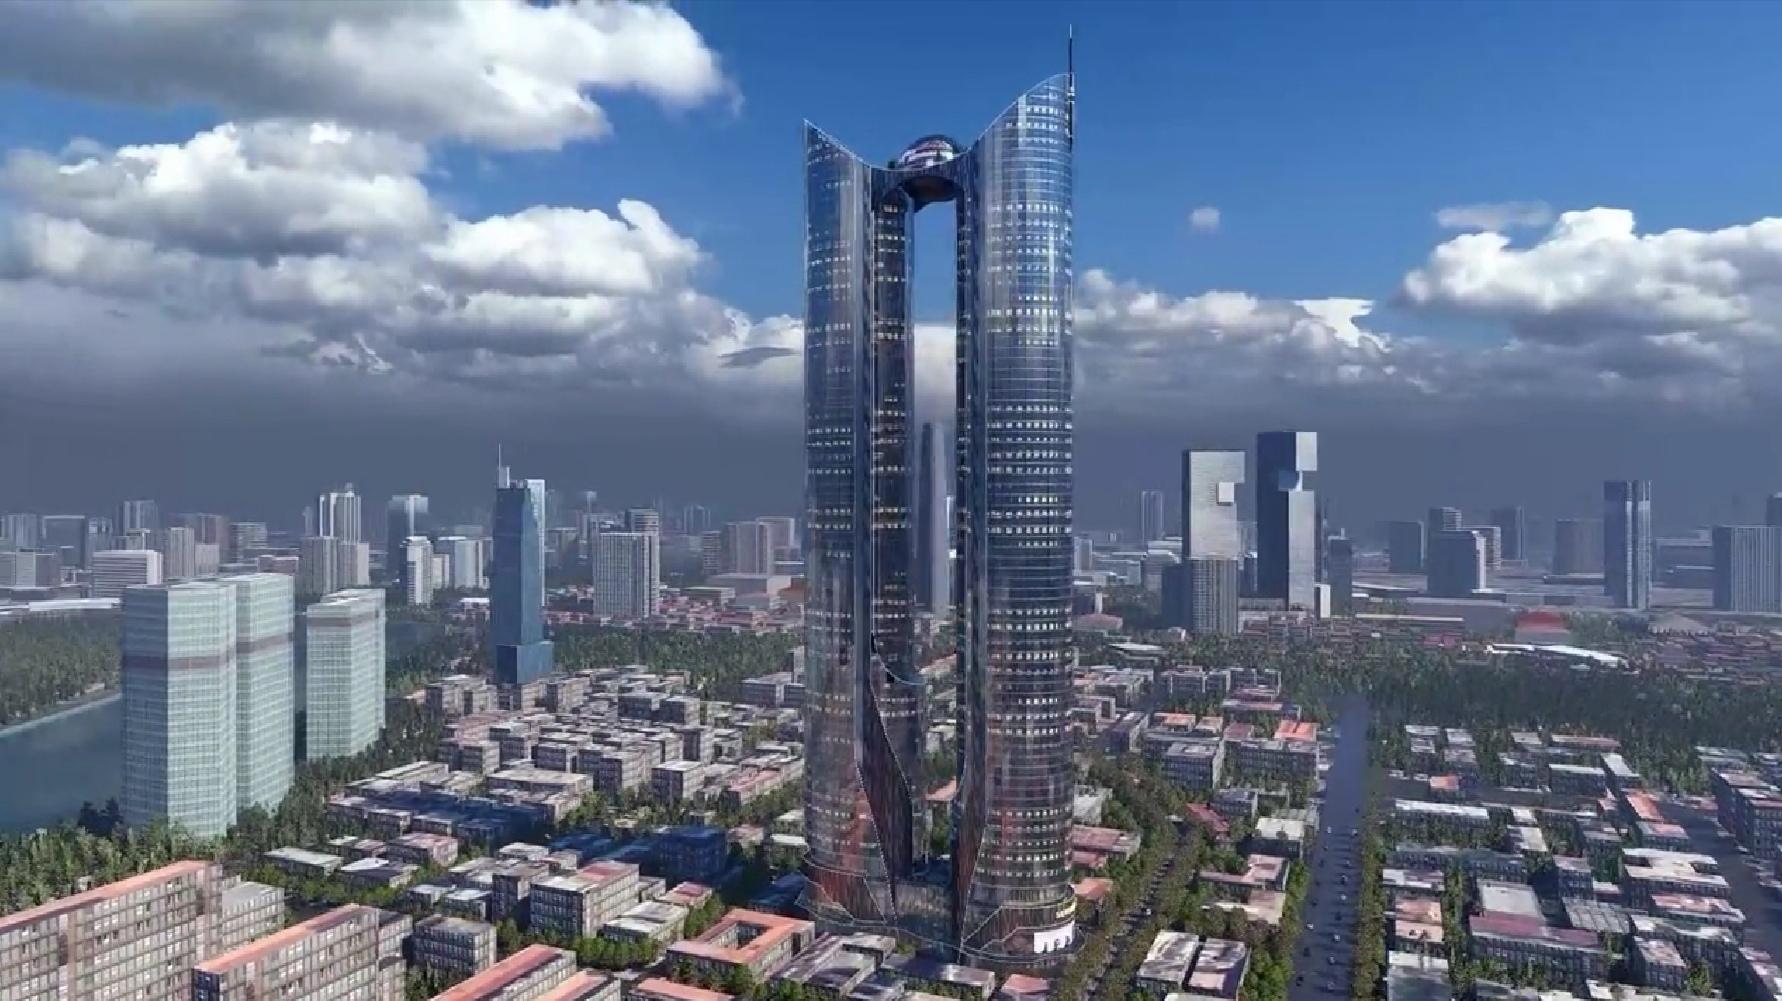 Giới thiệu sơ lược về dự án Sunshine Tower Quận 1 du an sunshine tower quan 1